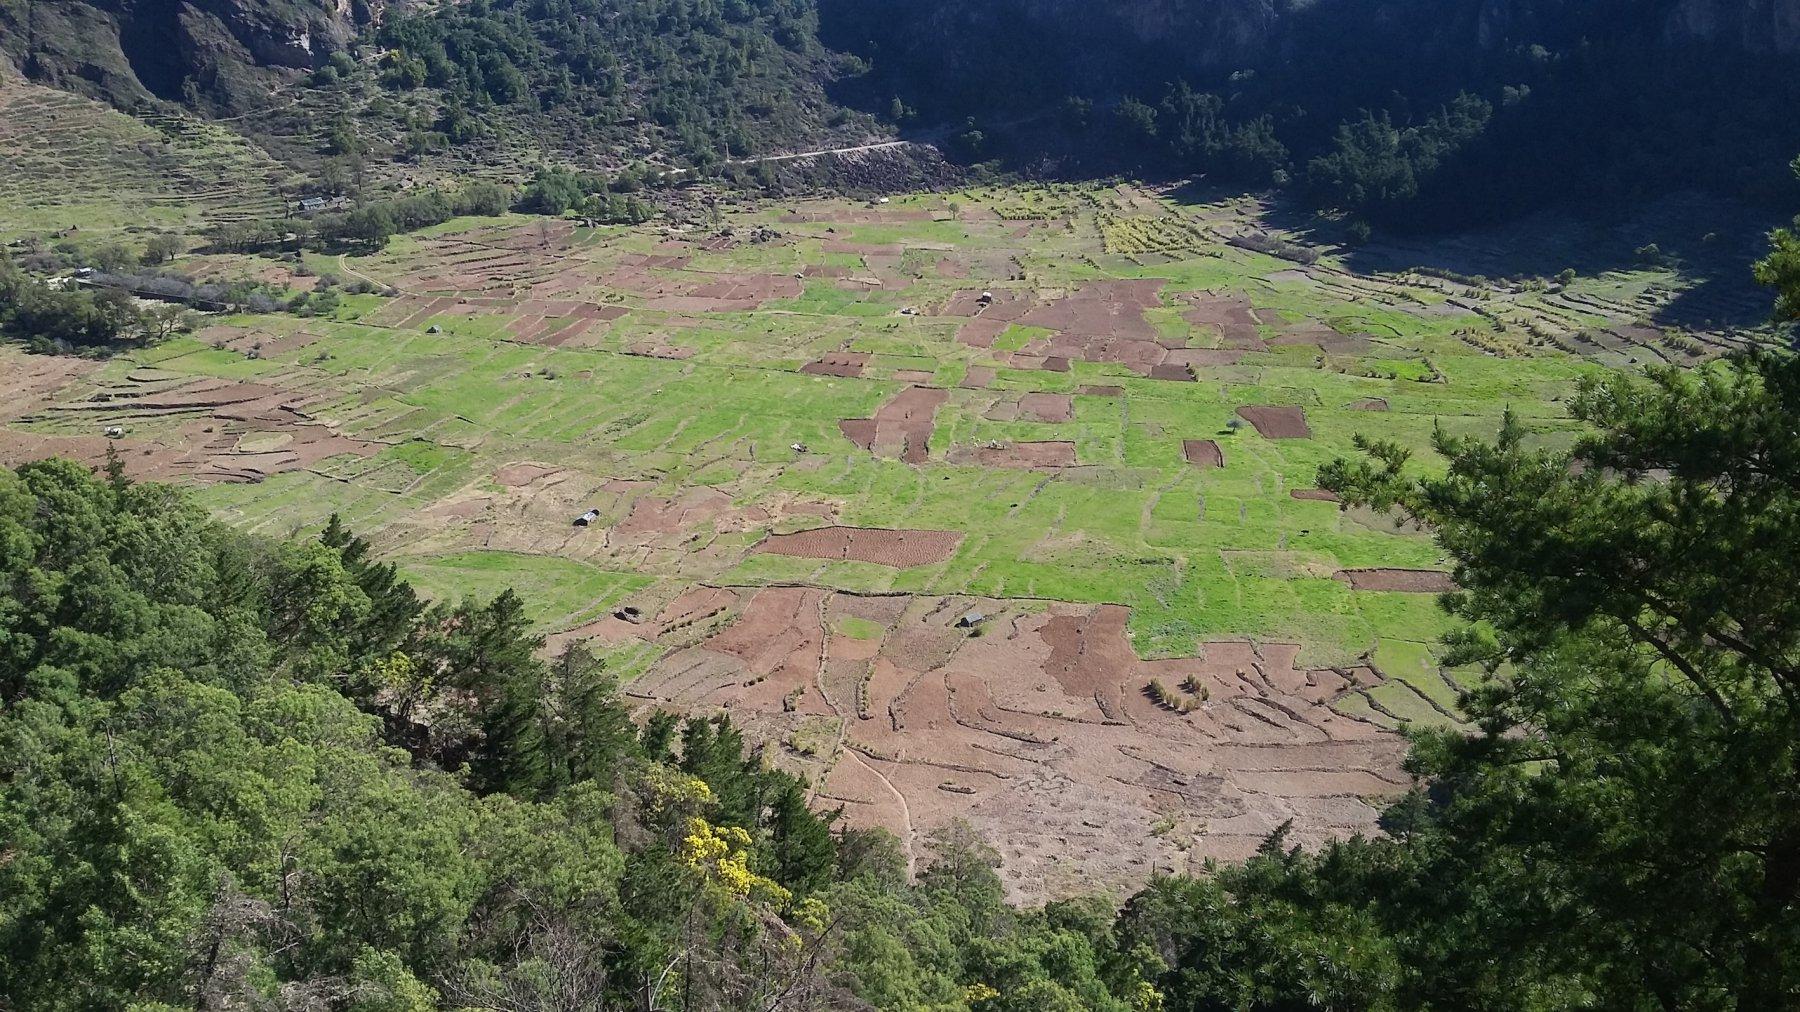 il cratere coltivato di Cova